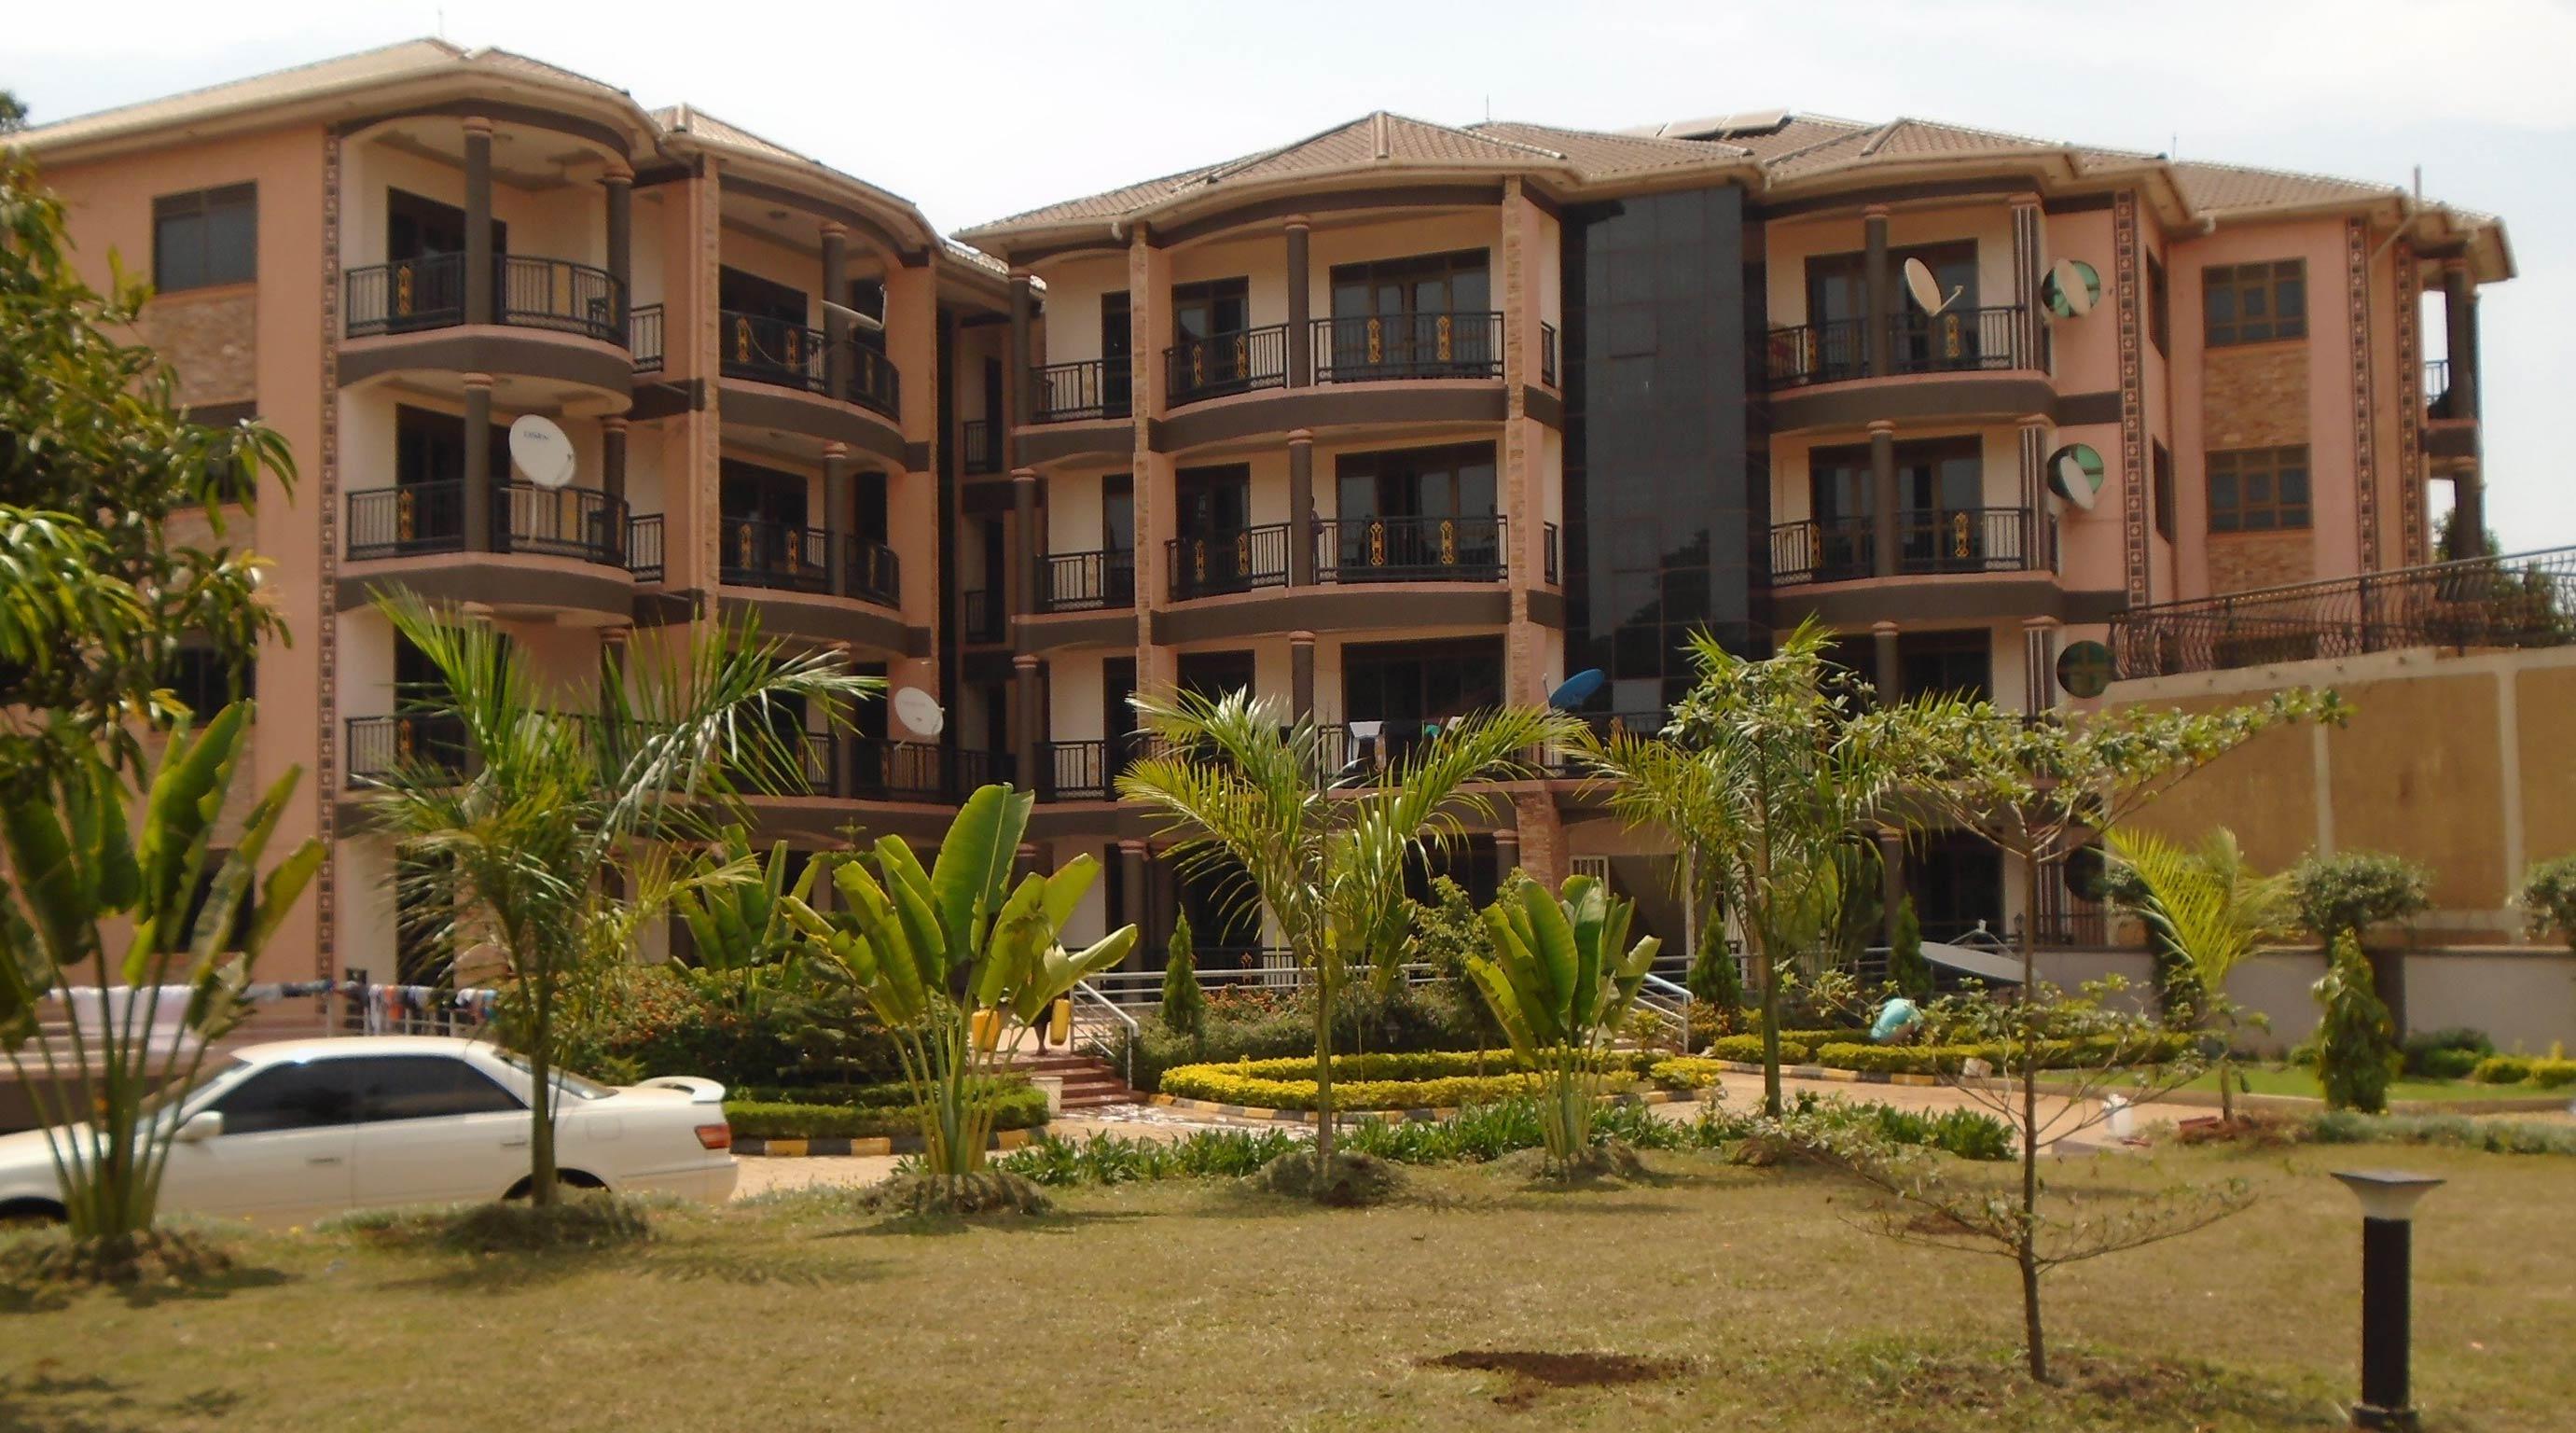 Wenn Sie geschftlich oder zum Vergngen in Kampala sind, sind 243 Apartments eine gute Wahl